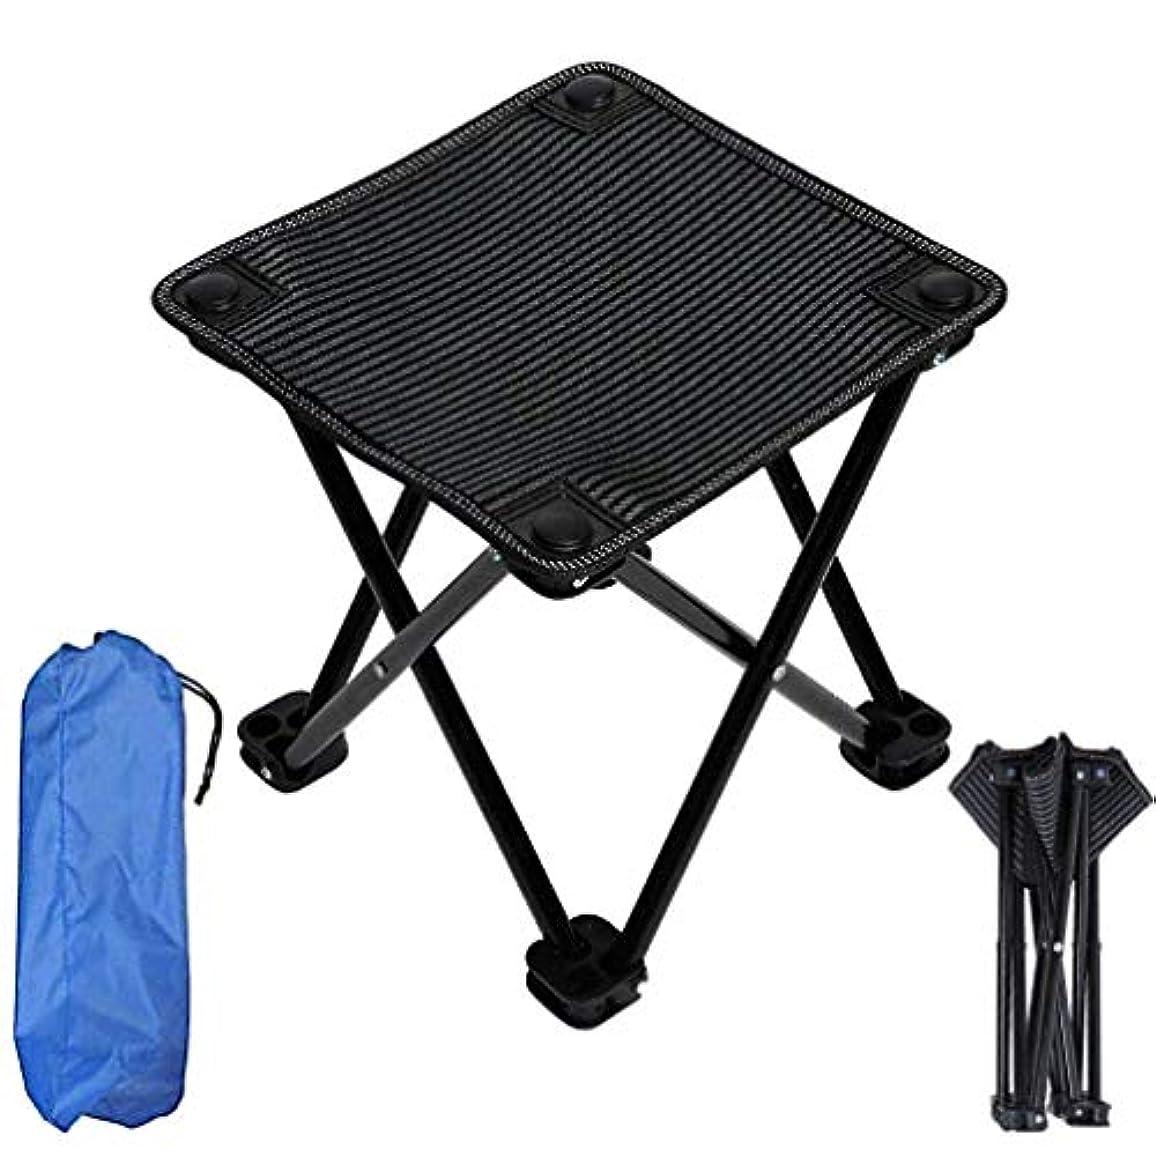 統計的ロイヤリティ座標キャンプチェア、余暇パッド入り折りたたみキャンプチェア、野外活動のためのシートスツール/キャンプ/バーベキュー/ビーチ/バックパッキング,B